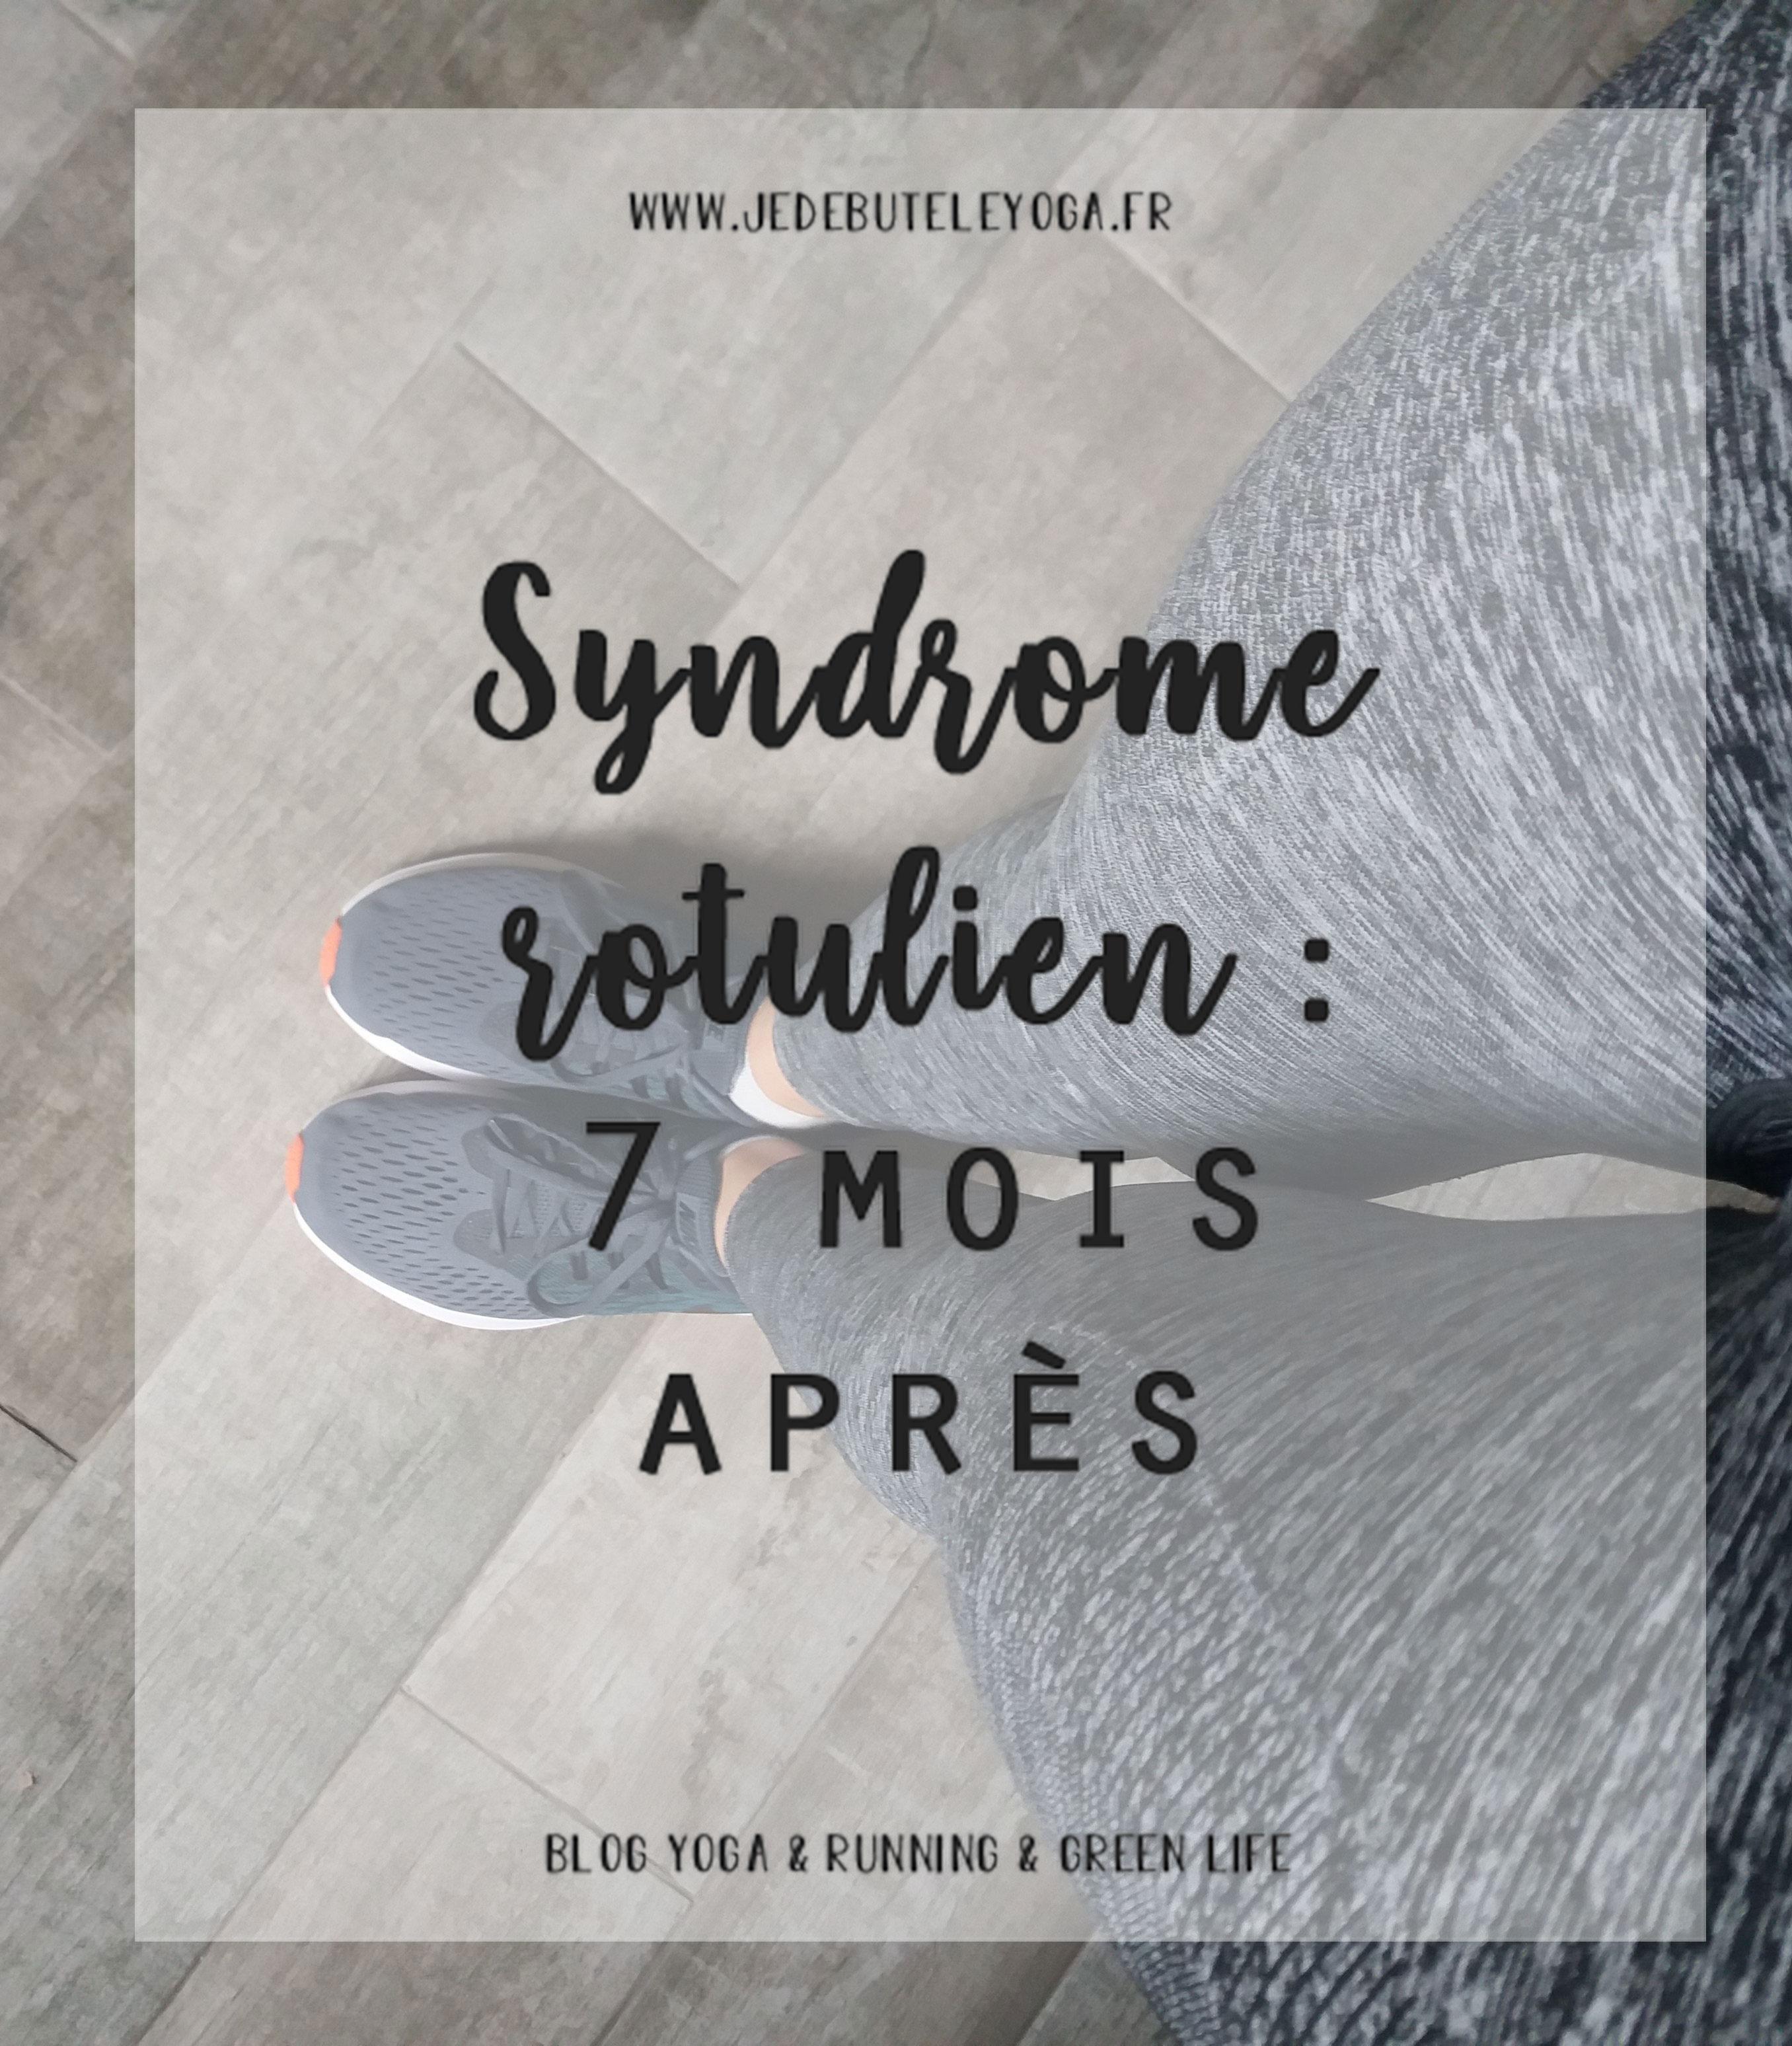 syndrome rotulien bilan après 7 mois